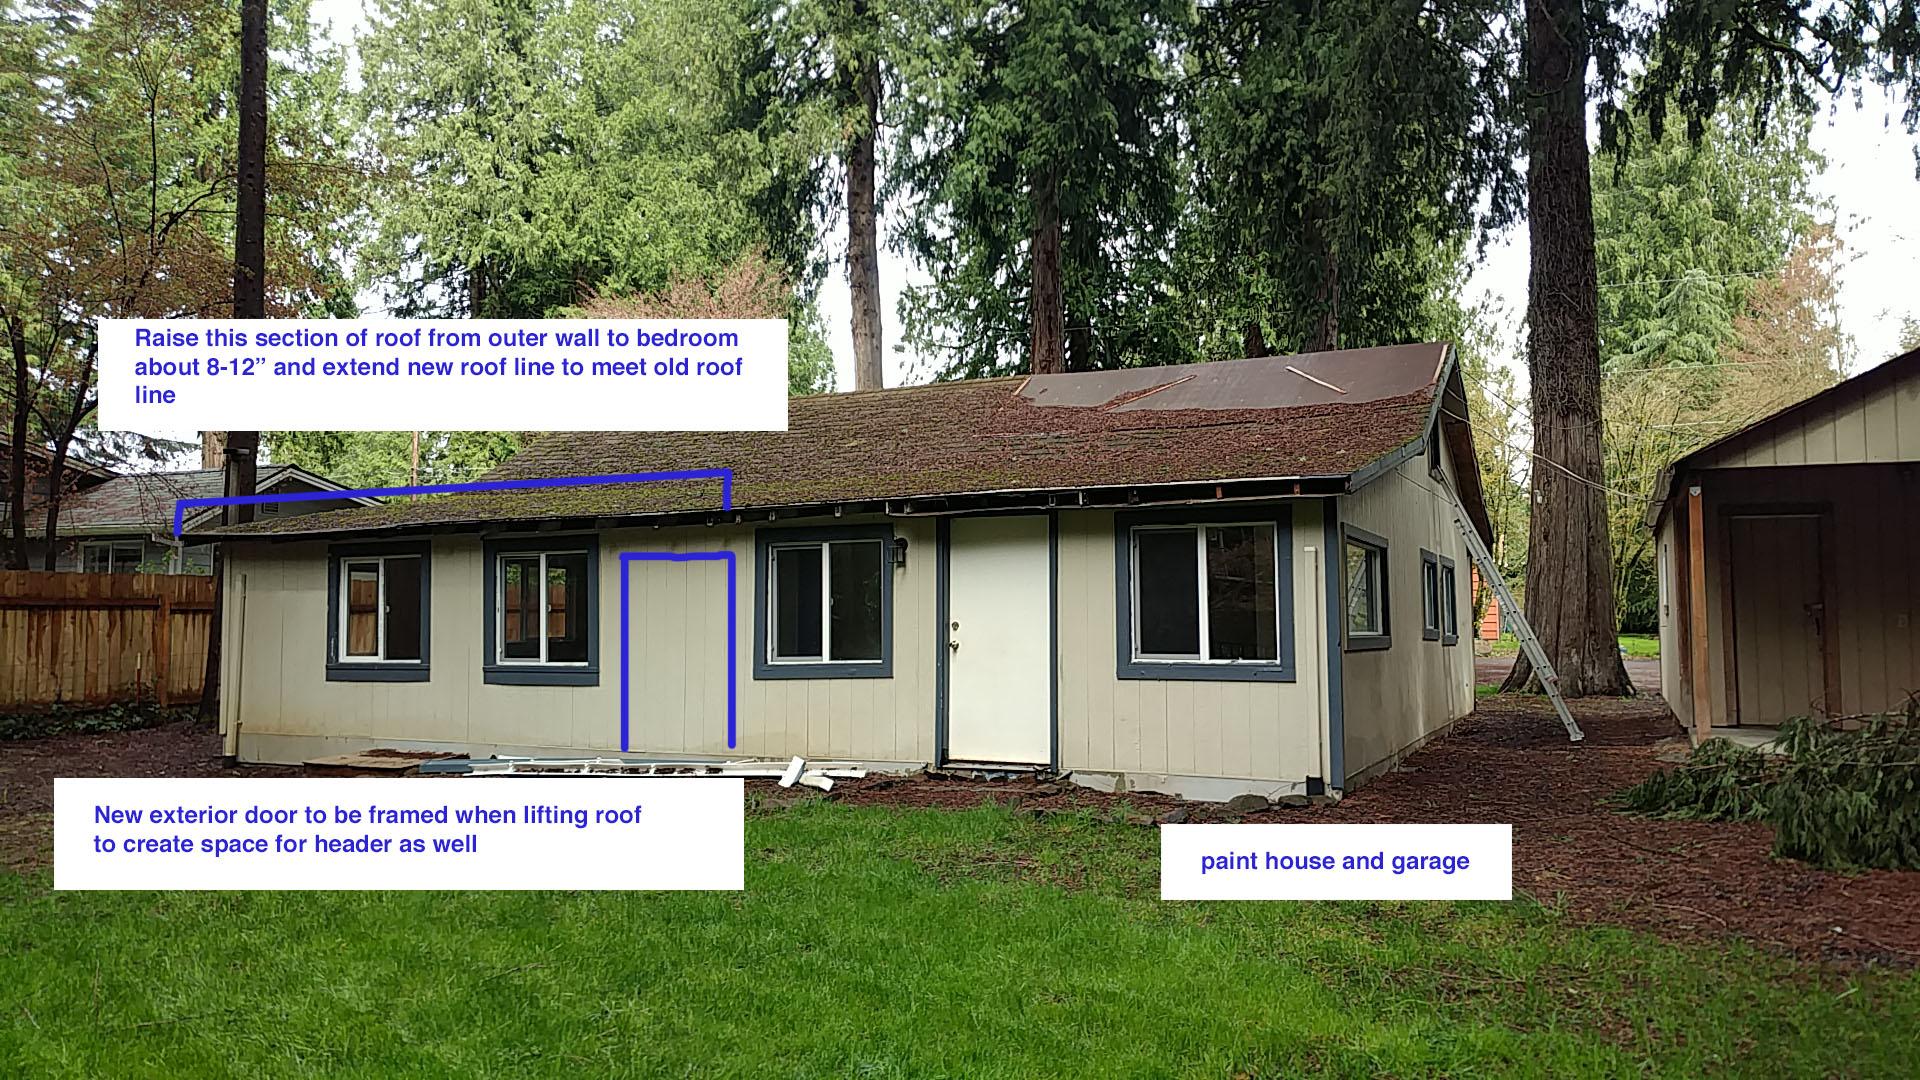 raise roof and exterior door.jpg